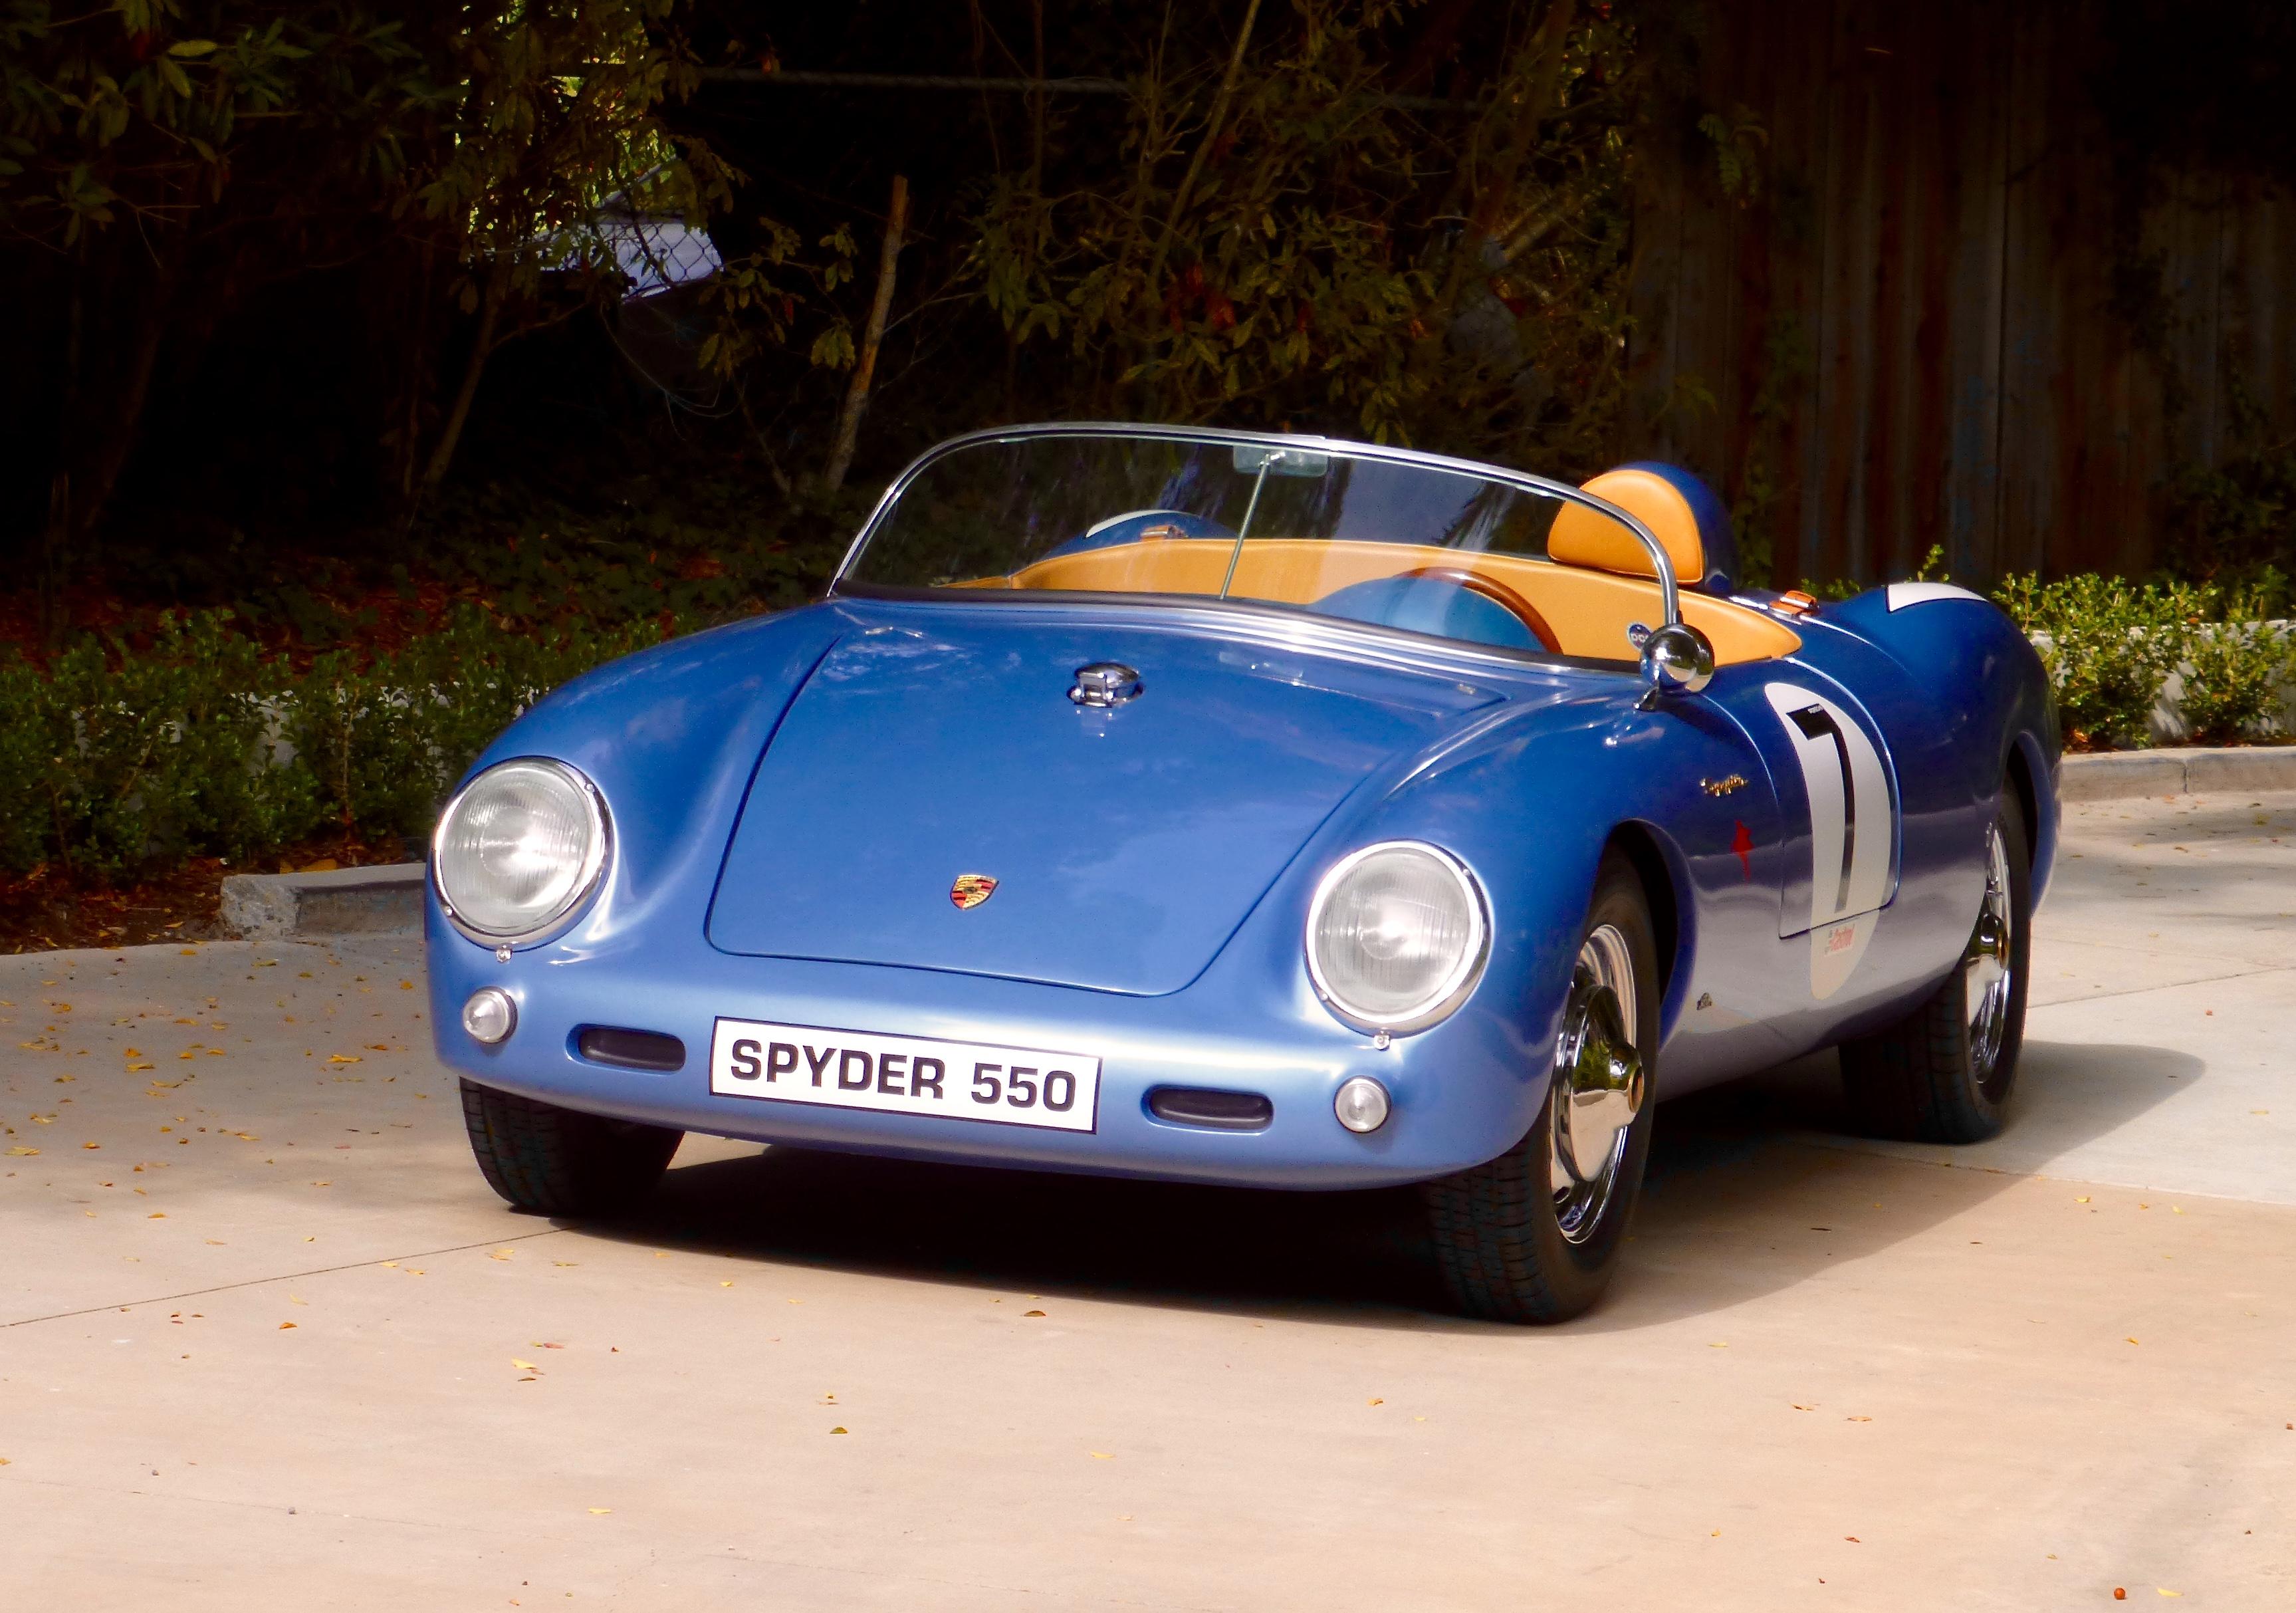 1969 Volkswagen Porsche Spyder 550 replica